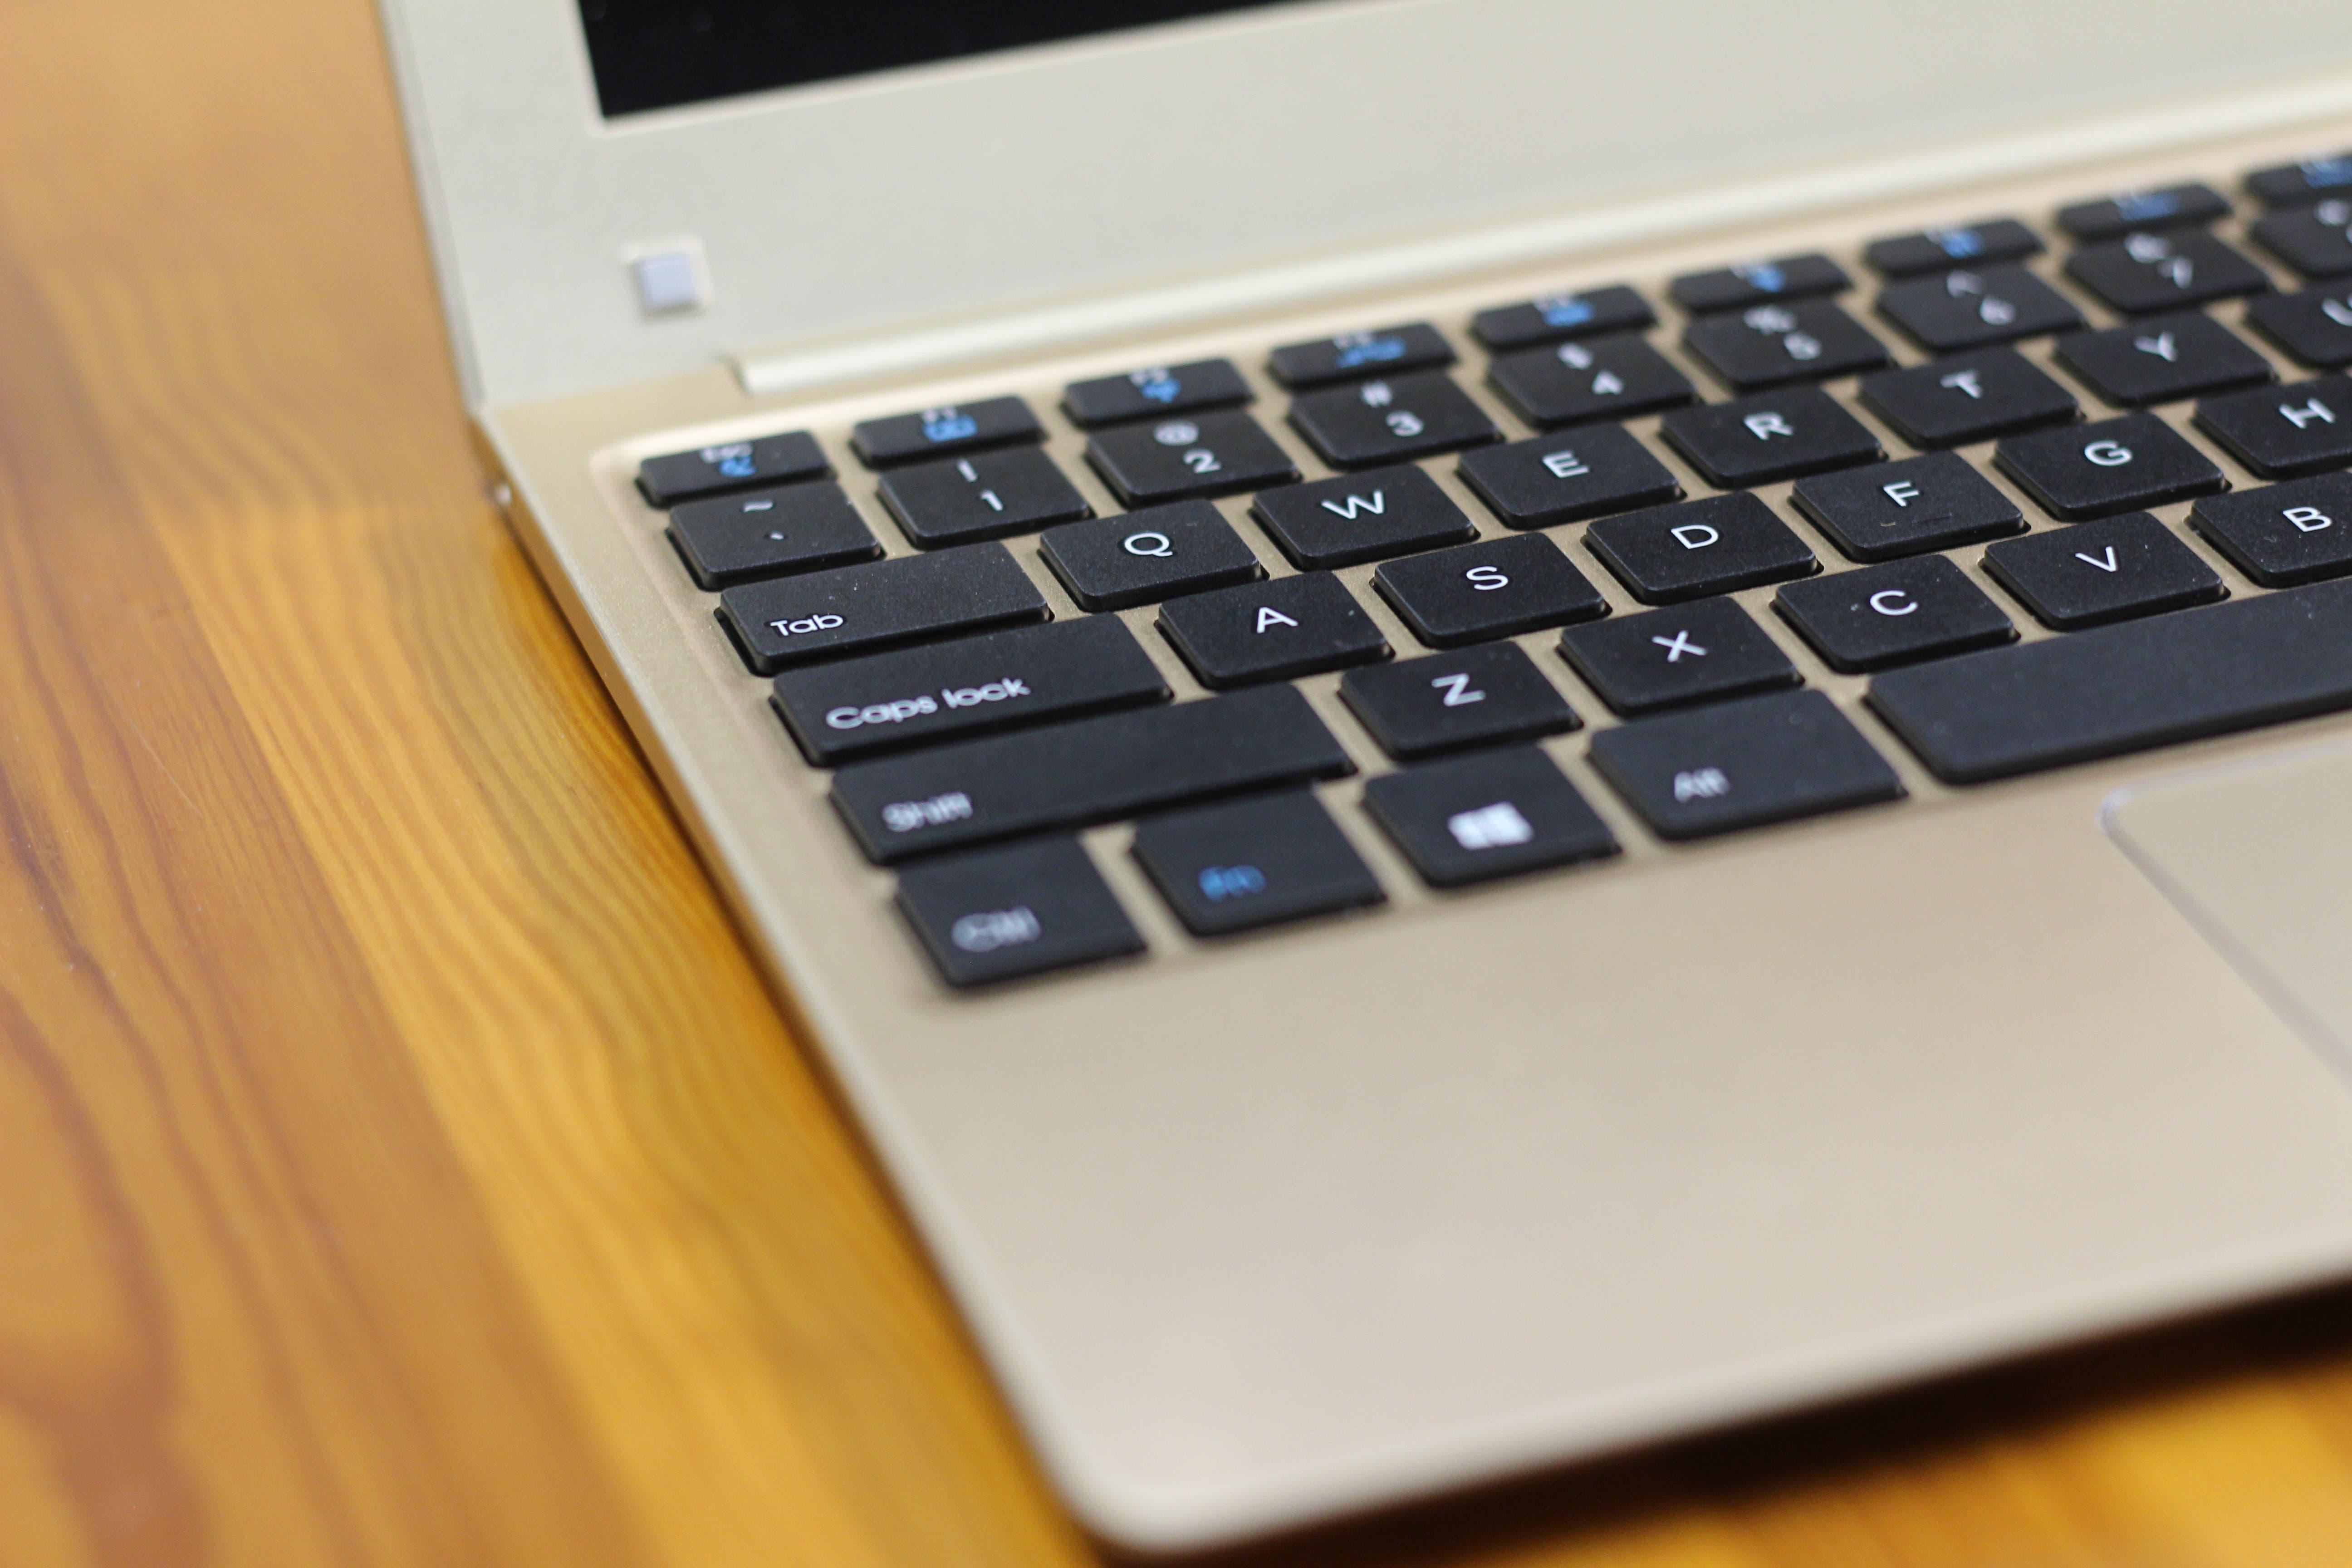 Jumper Ezbook Air Review A 289 12 Macbook Clone